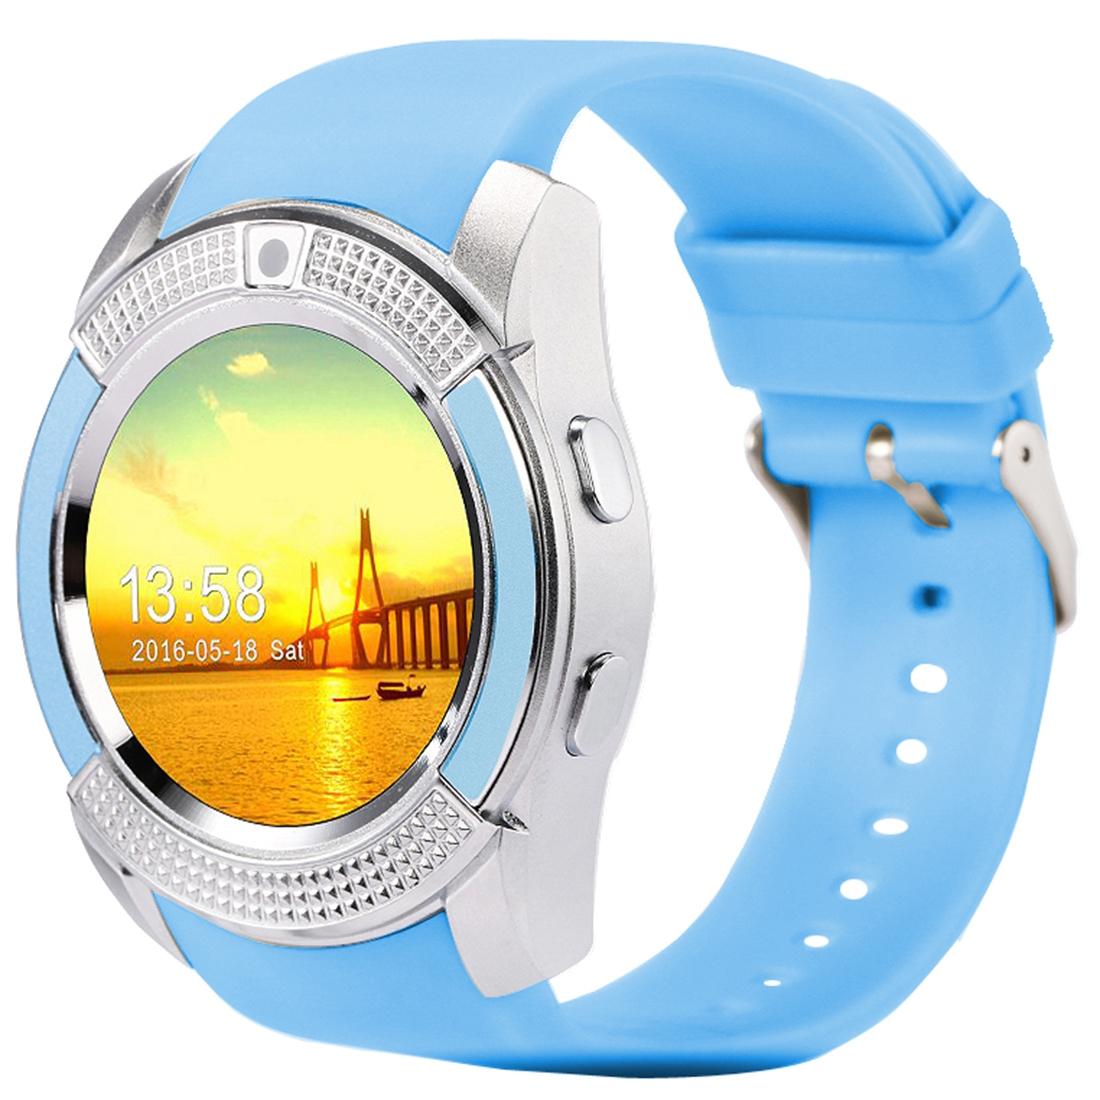 X-Watch Xwatch V8 1,22 palcový dotykový displej, 2G volání, Bluetooth Smart hodinky s 0.3MP fotoaparátem, pedometer, hudební přehrávač, sledování spánku, vzdálené snímání, TF karta, modrá